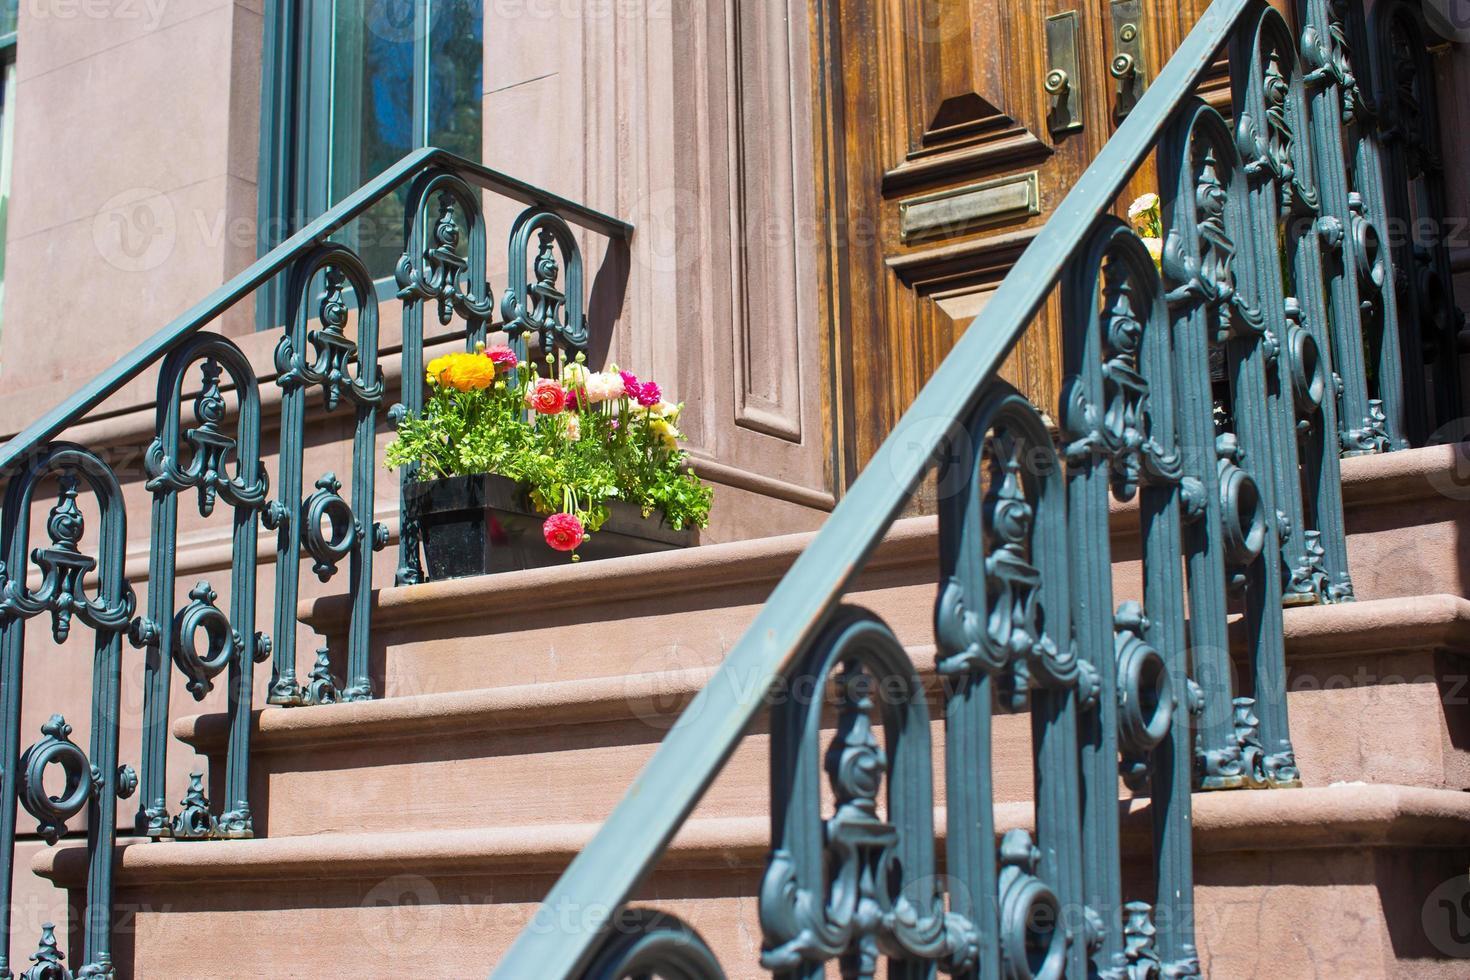 vieilles maisons avec des escaliers dans le quartier historique de l'ouest du village photo